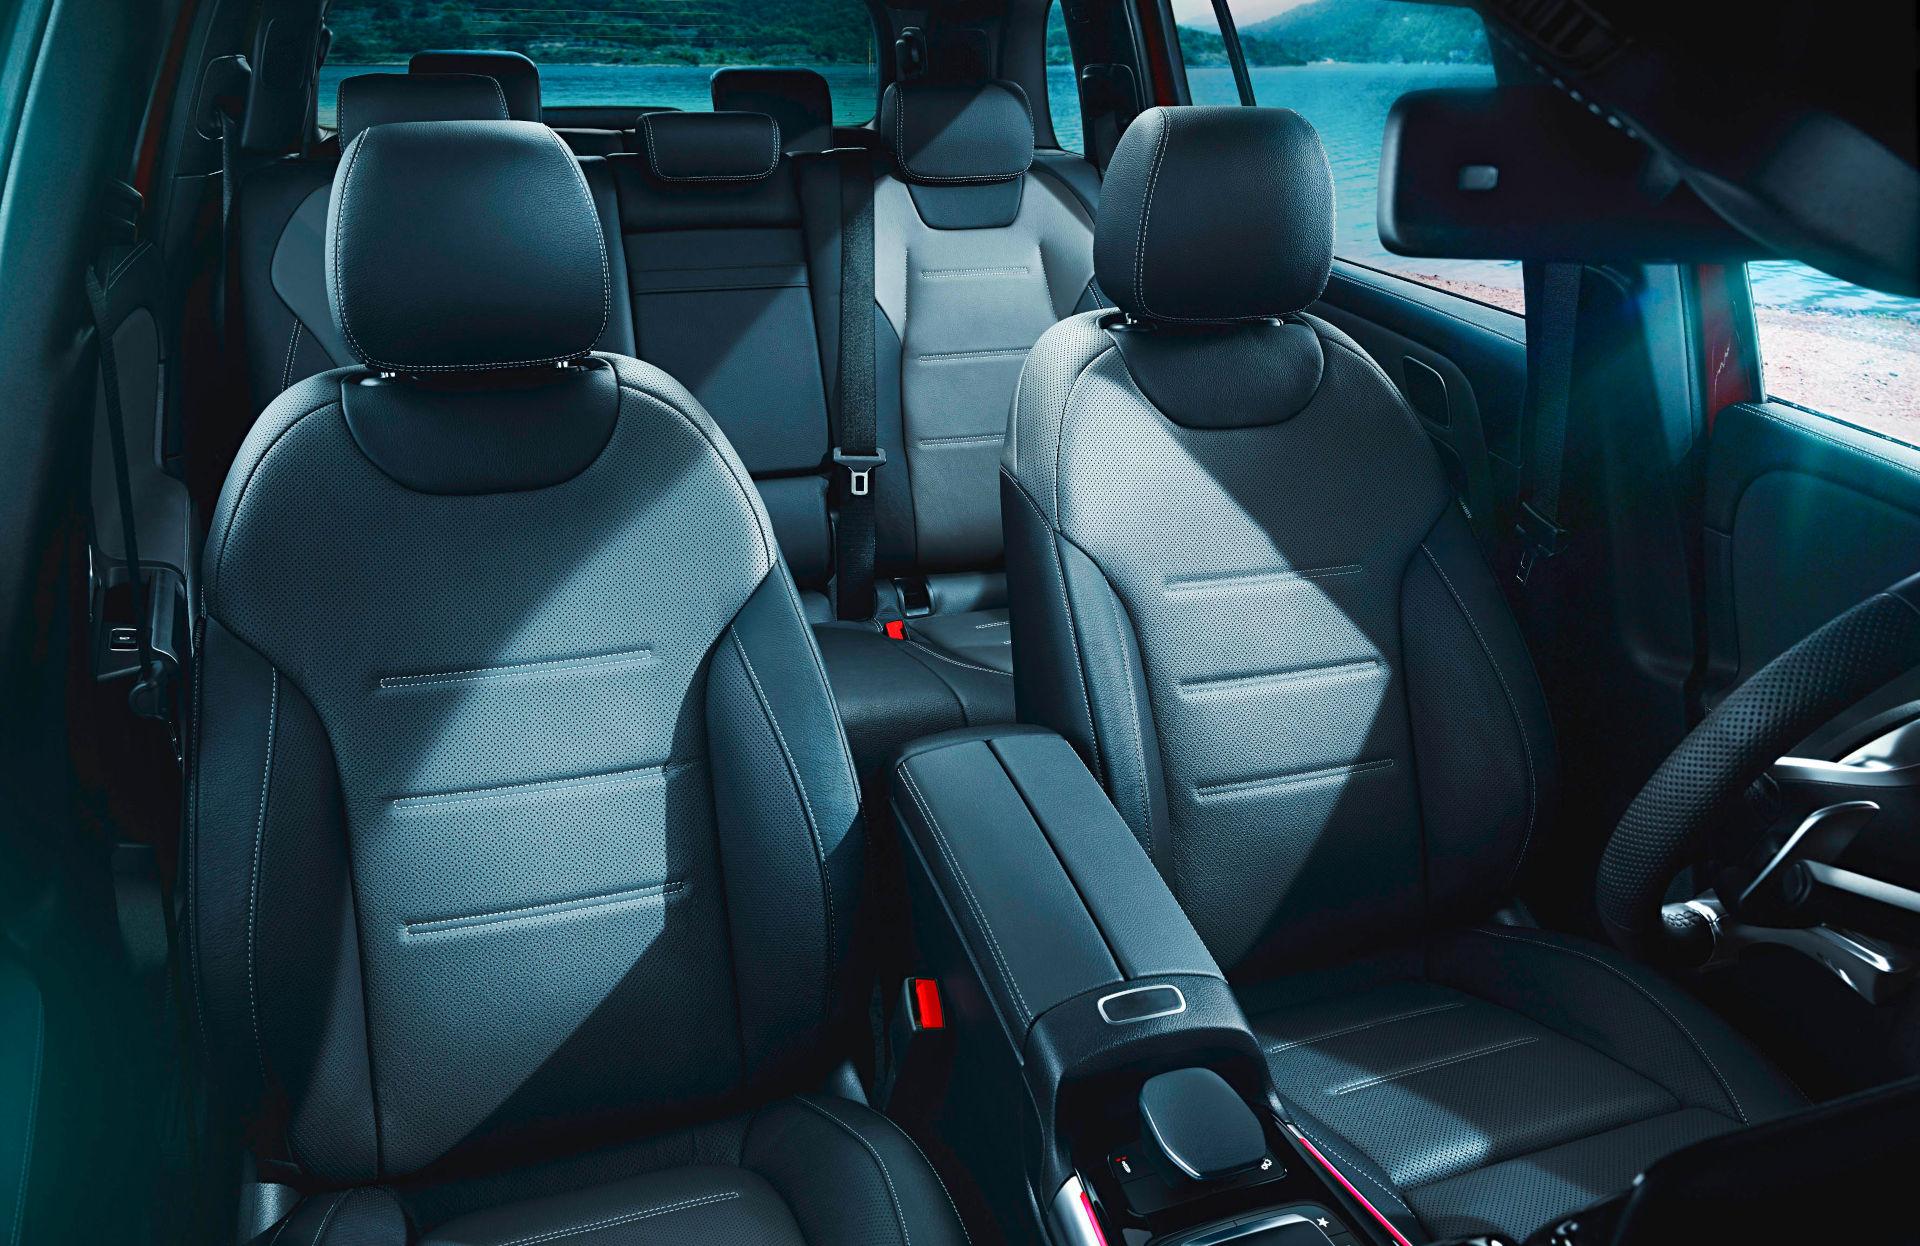 Mercedes-AMG GLB 35 - Passengers' Seats